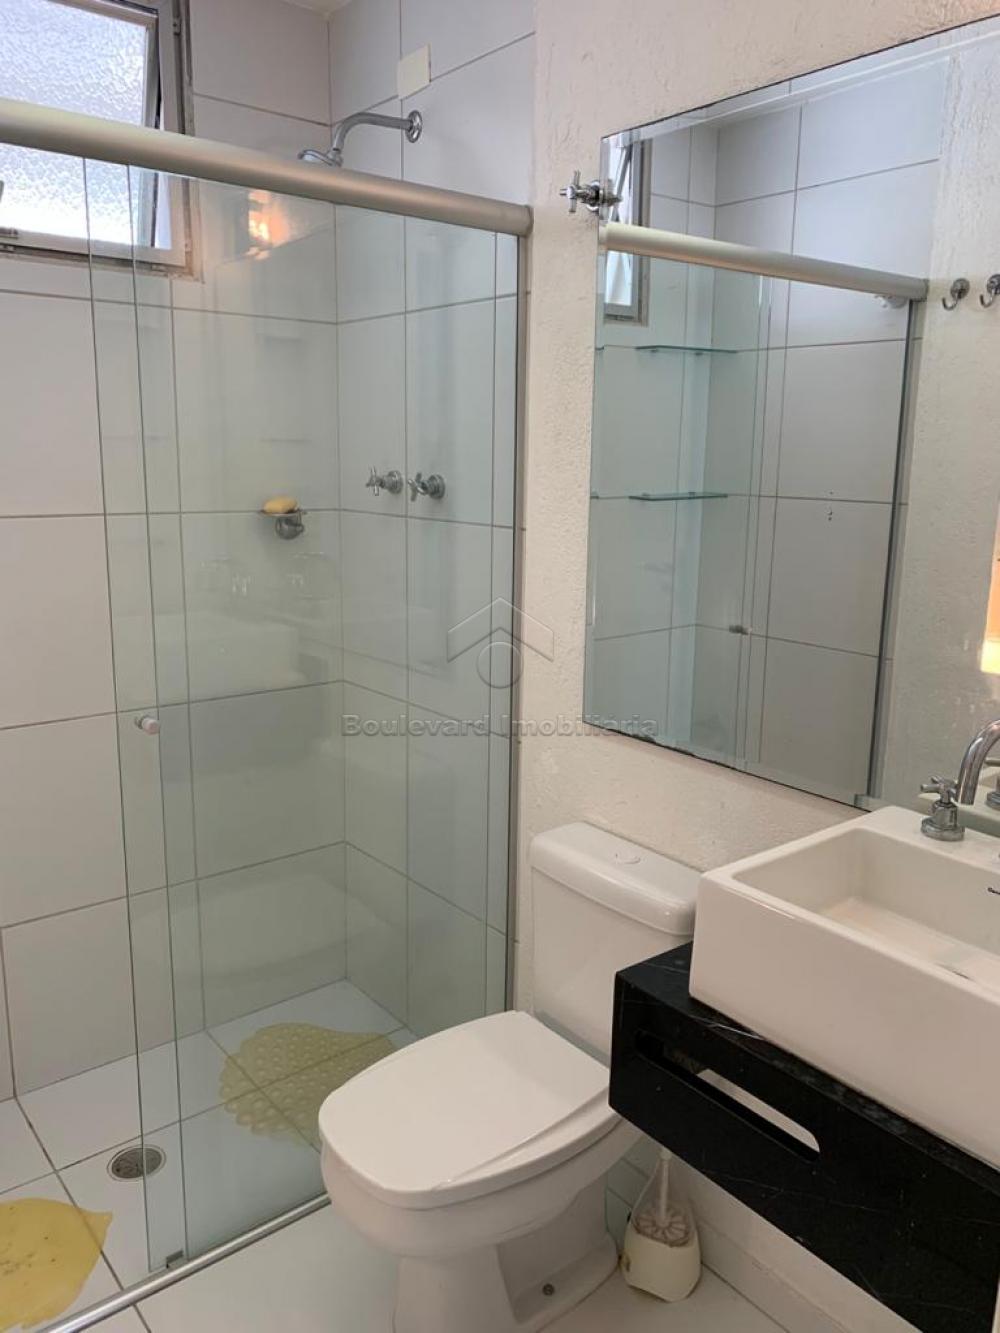 Alugar Apartamento / Padrão em Guarujá apenas R$ 2.300,00 - Foto 12